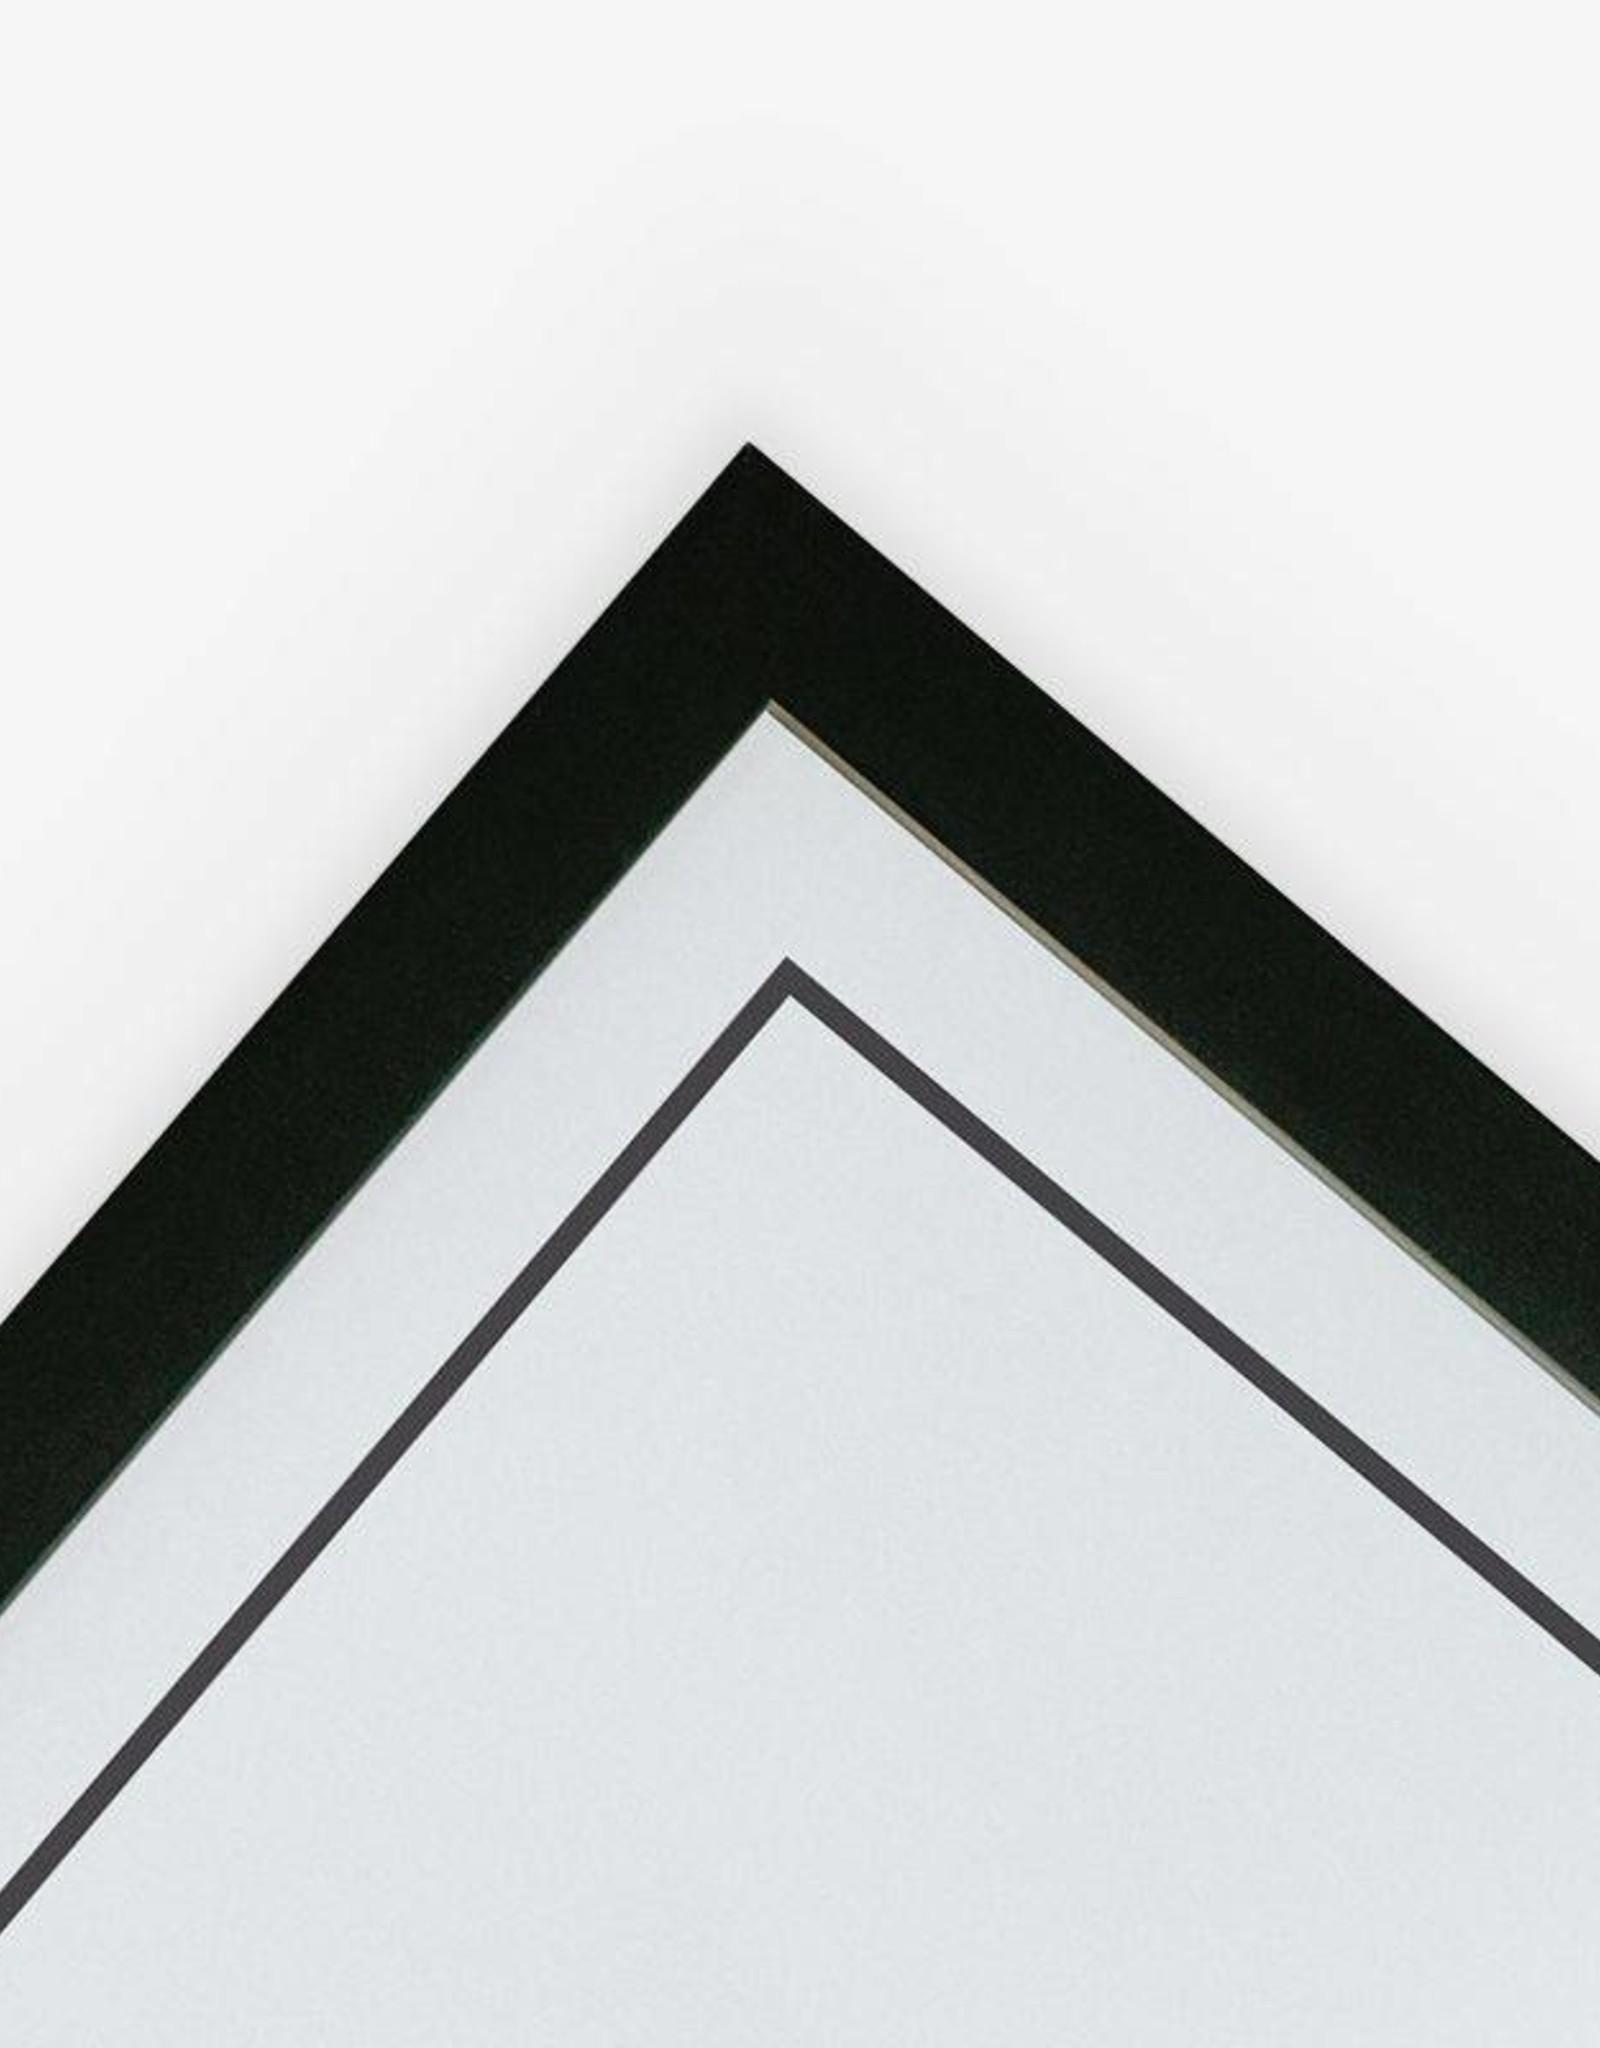 Wijck Wijck - Kader - 50x70 - Black frame